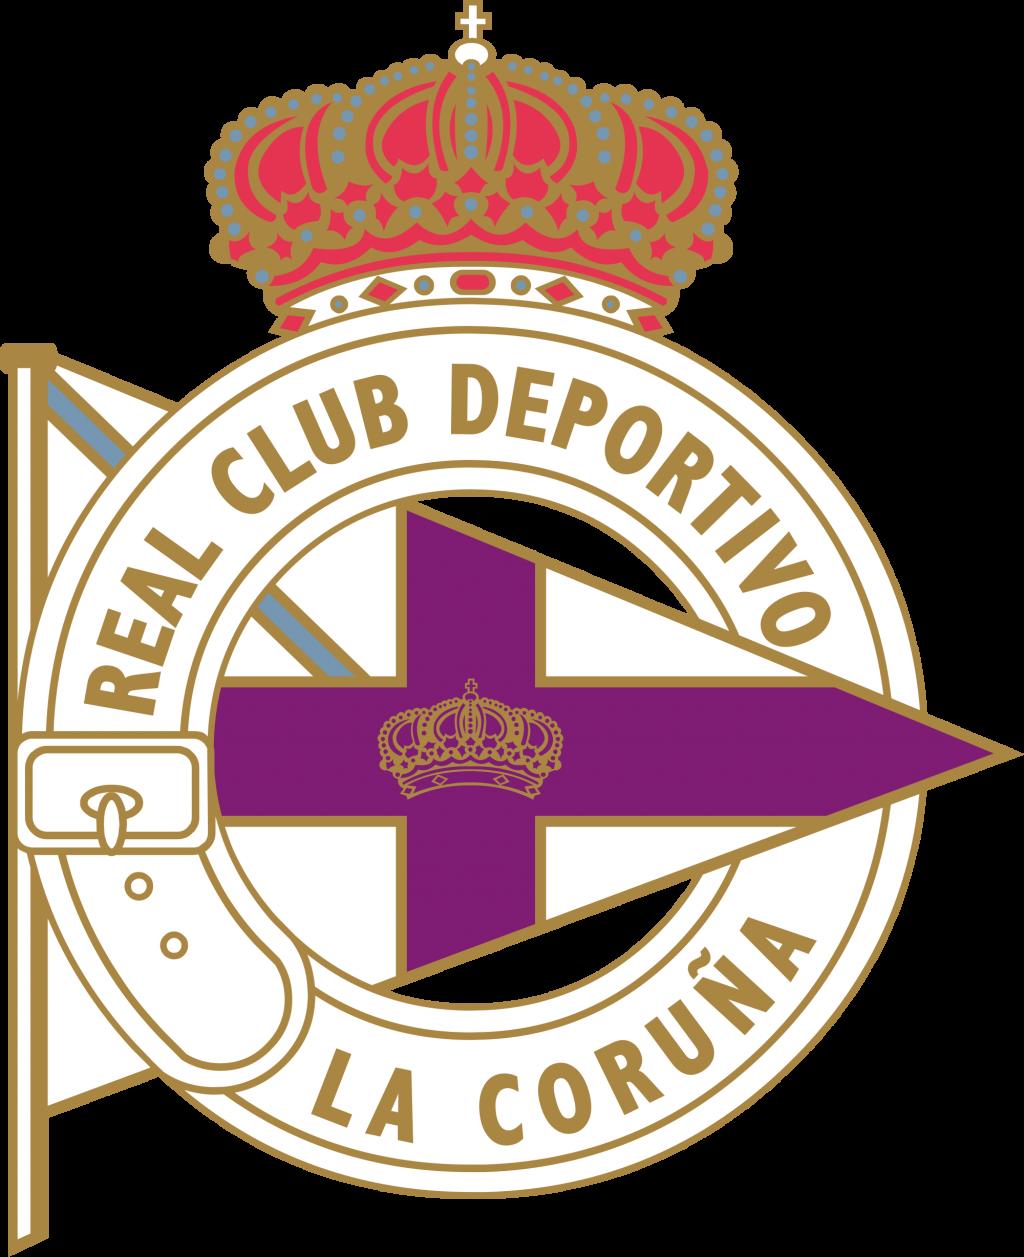 Real-Club-Deportivo-de-La-Coruña-logo